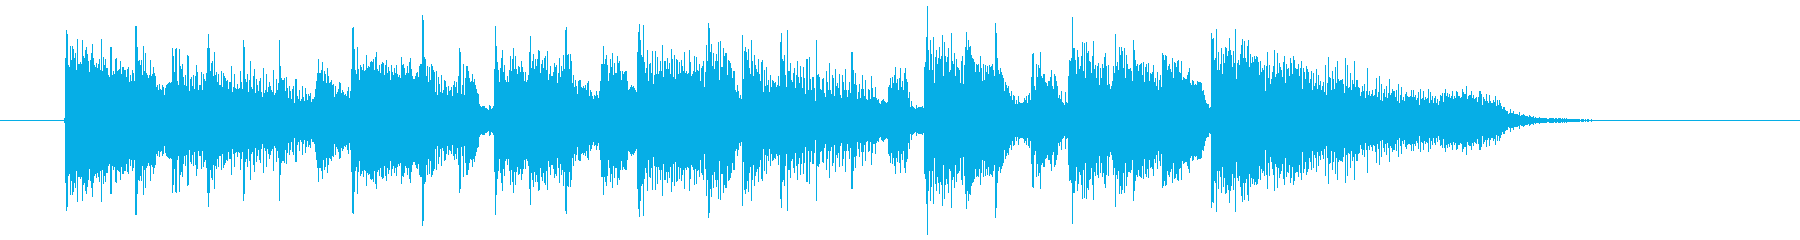 ゆったりリゾート感シンセギターサウンドの再生済みの波形